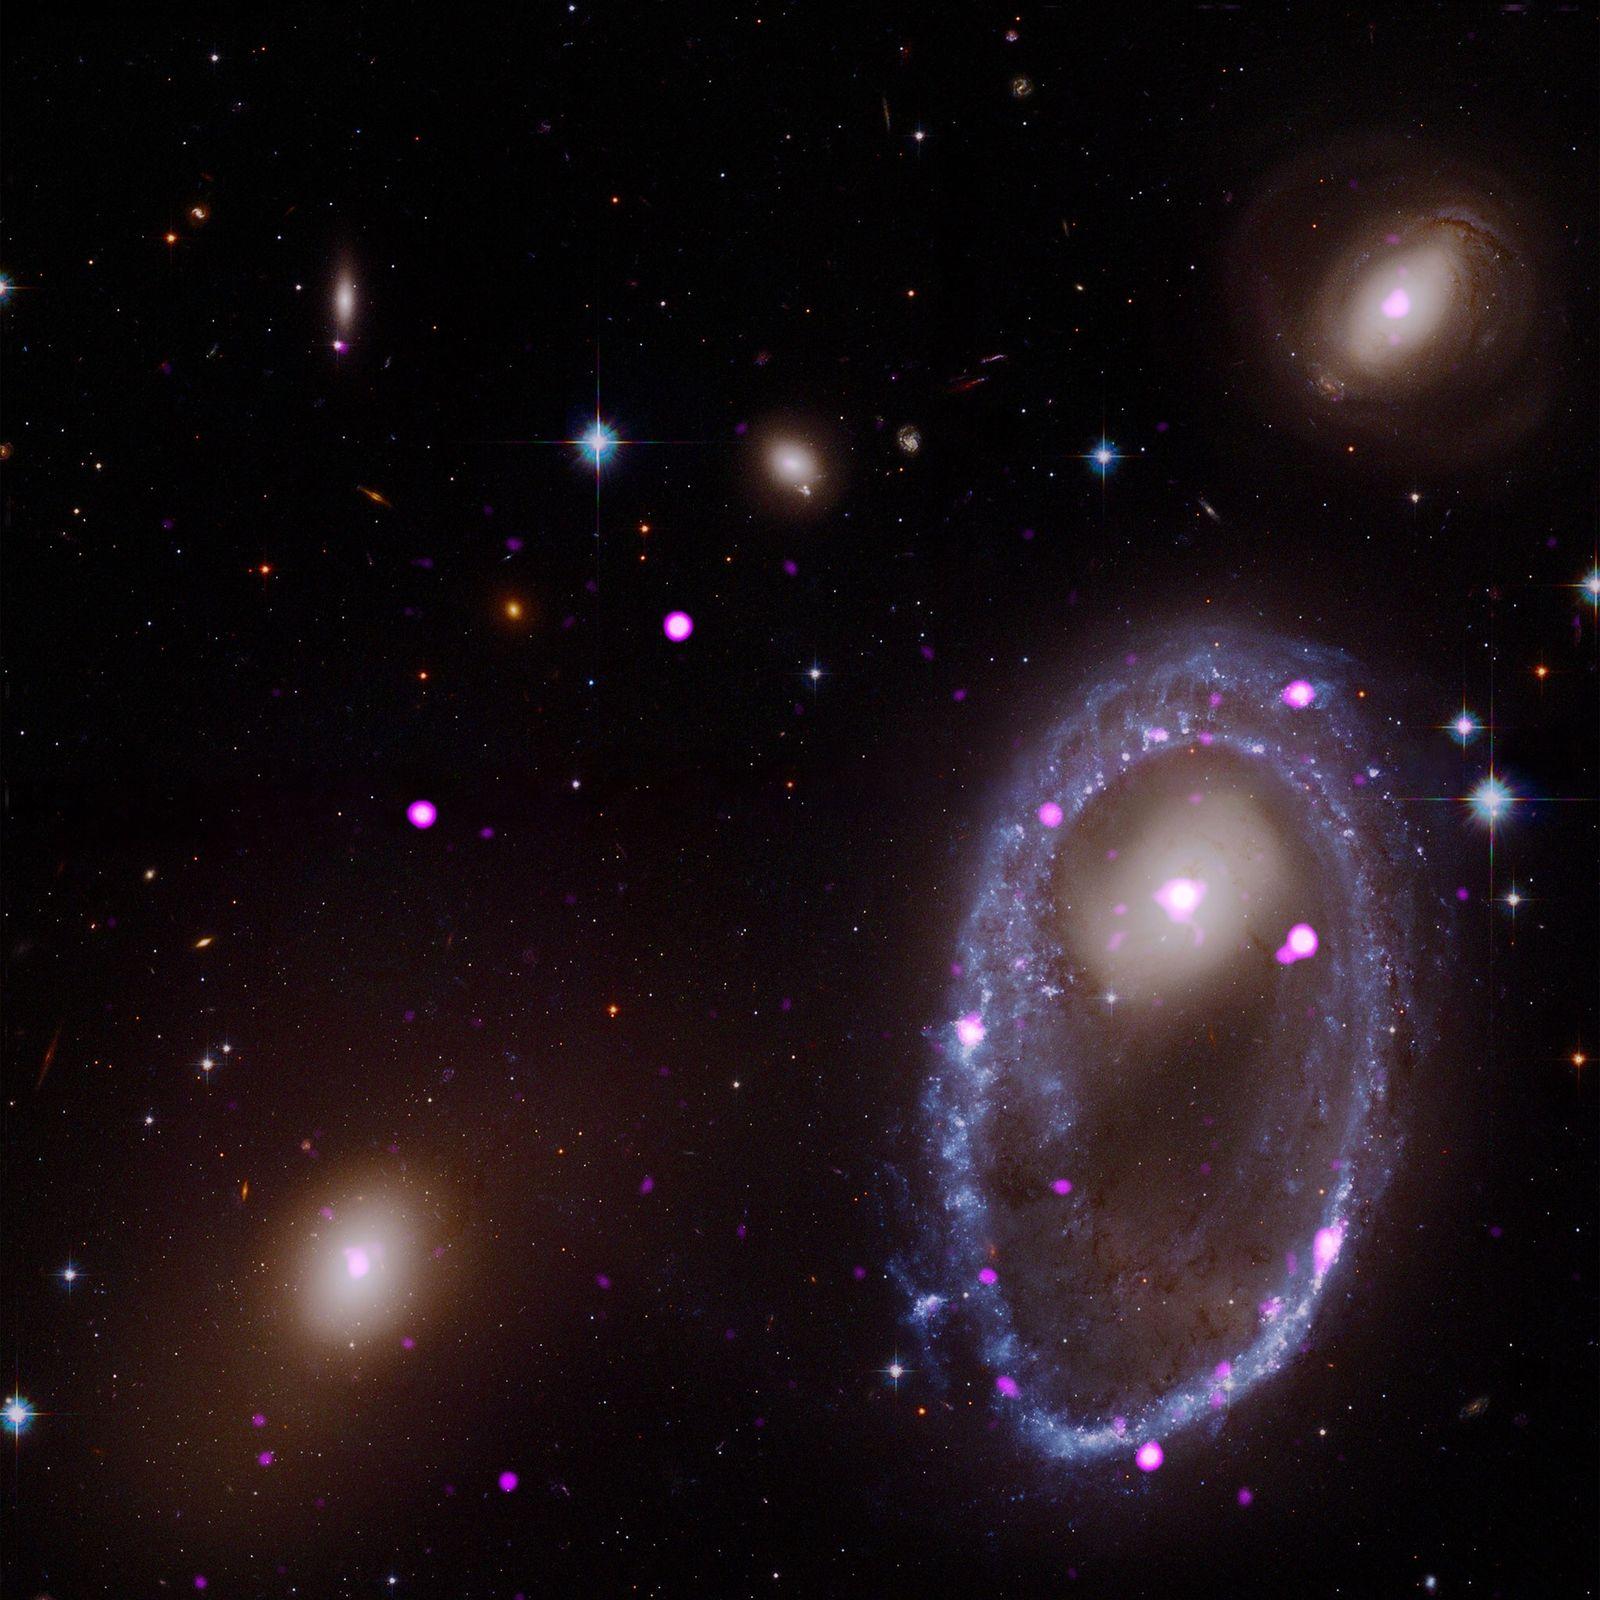 Aufnahmen: Wenn zwei Galaxien zusammenstoßen